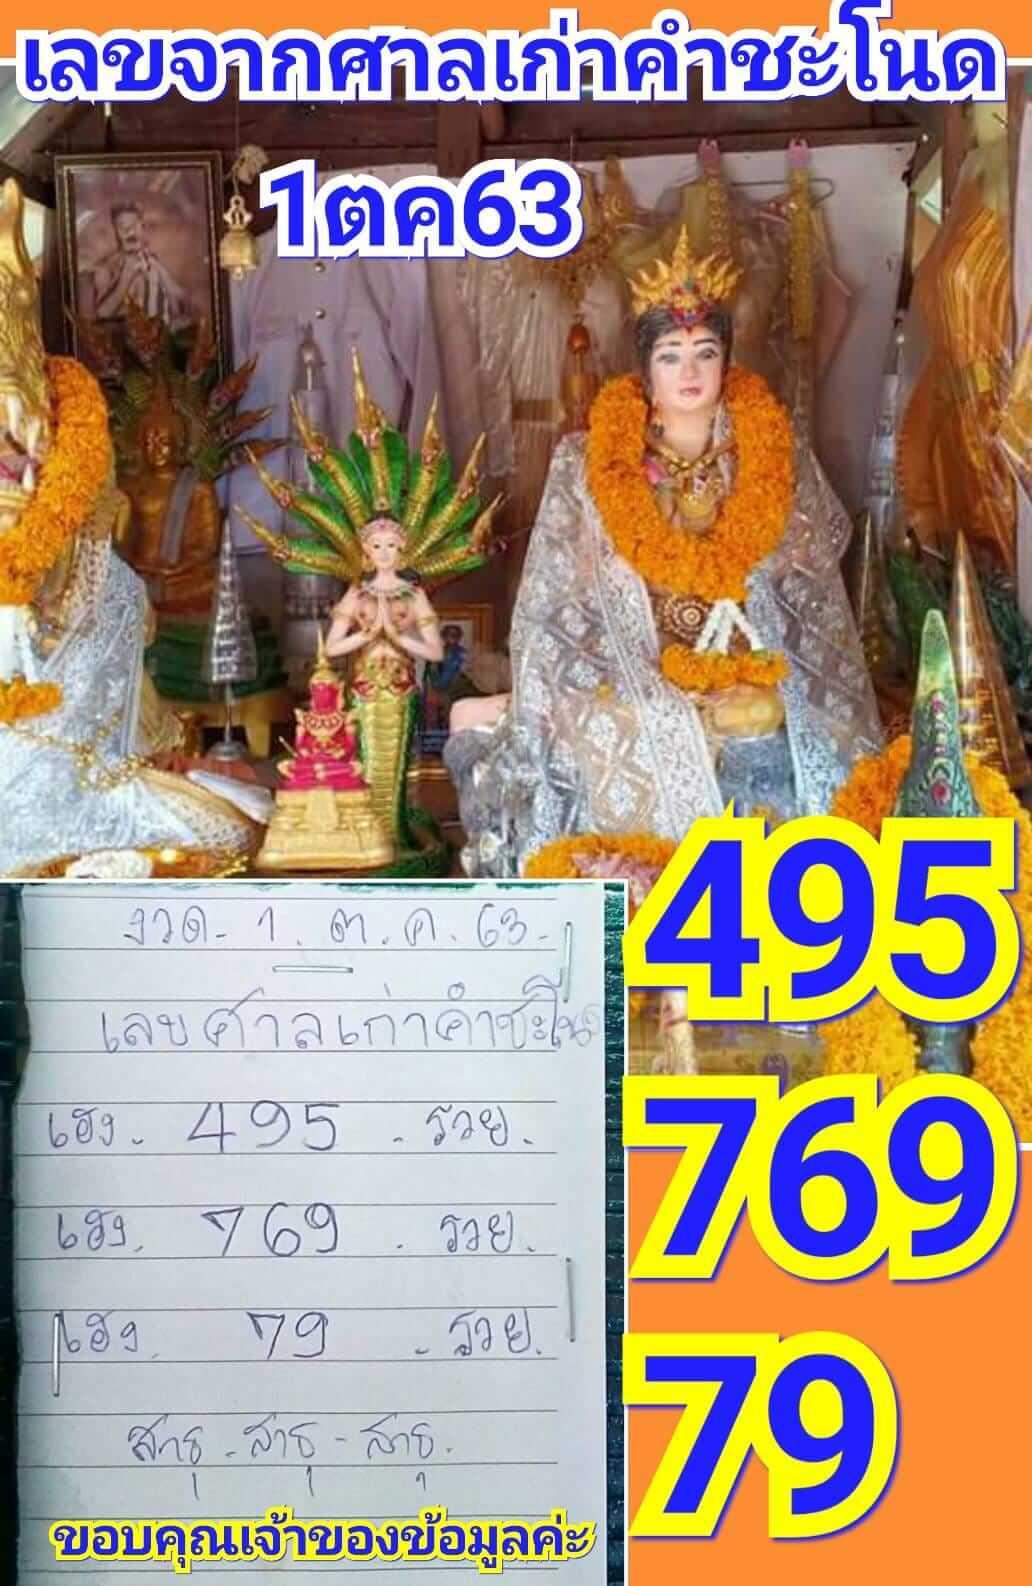 รวม เลขเด็ด งวด 01/10/20 แห่ ซื้อหวย นาทีสุดท้าย ก่อนเลขออก | https://tookhuay.com/ เว็บ หวยออนไลน์ ที่ดีที่สุด หวยหุ้น หวยฮานอย หวยลาว